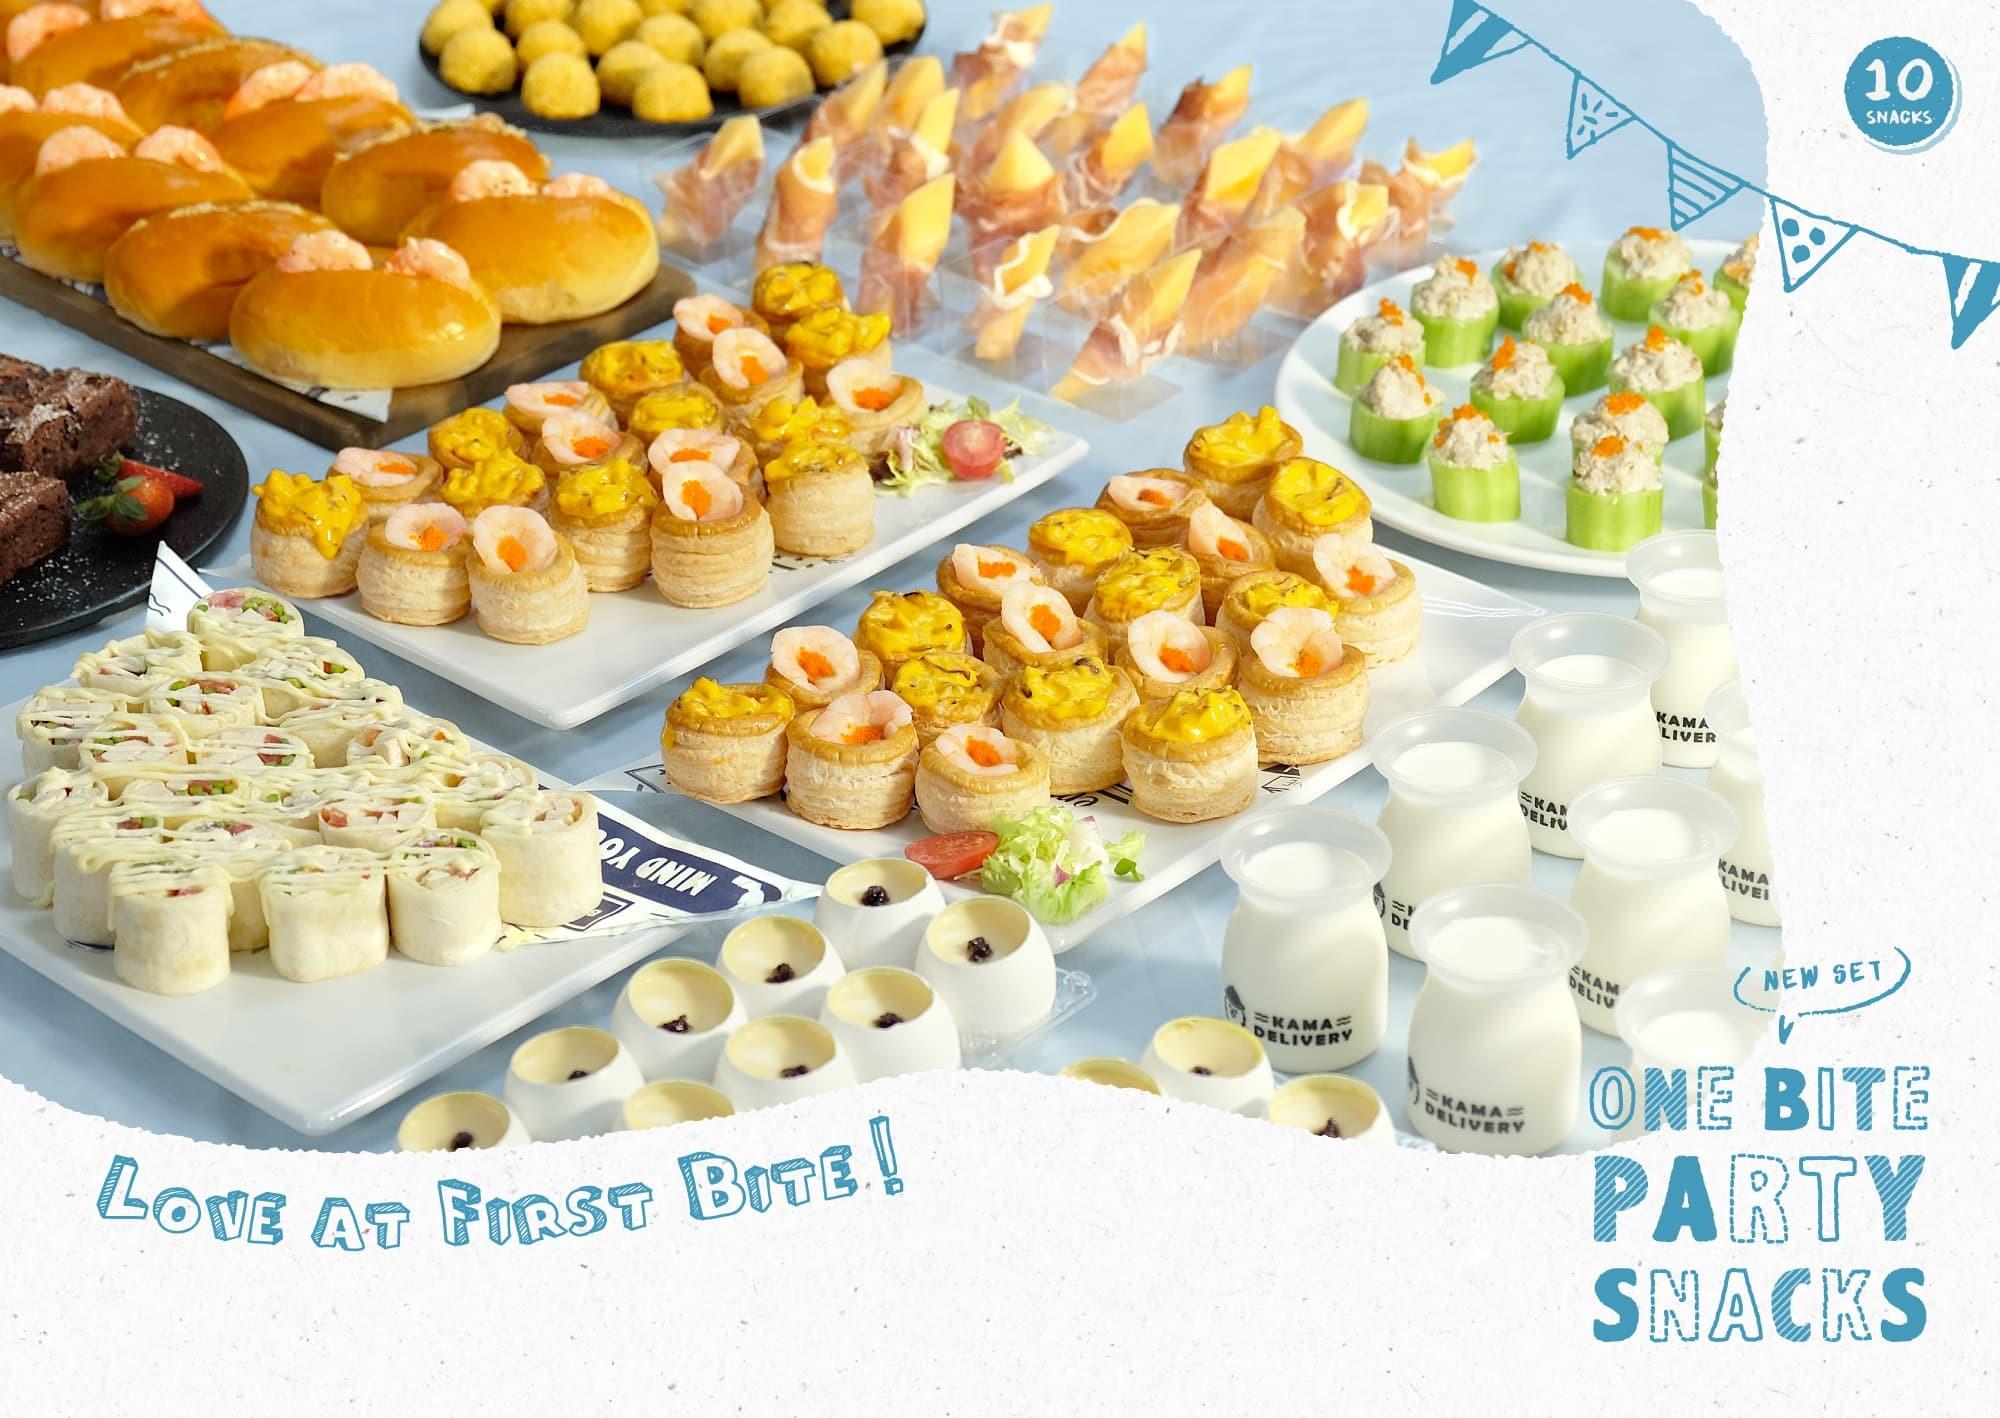 52人外賣套餐訂購|Kama Delivery推出的一口派對小食Set適合在私人婚宴酒會、百日宴、店舖開張、企業簡介會、公司講座、辦公室會議、慶功宴等場合享用。